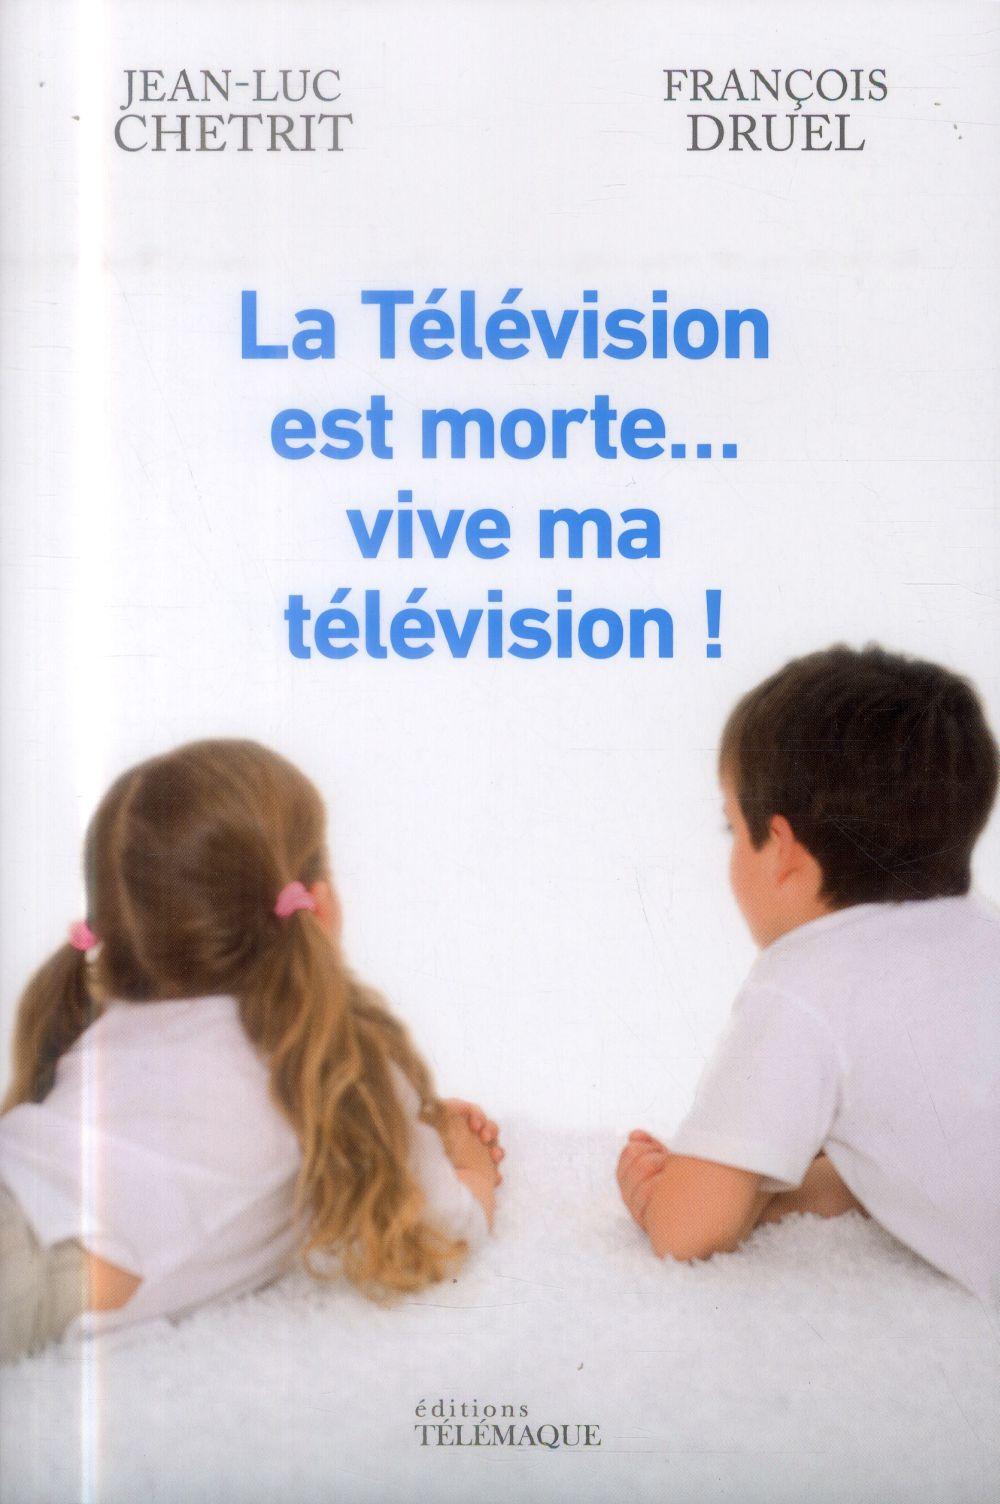 La télévision est morte... vive ma télévision !